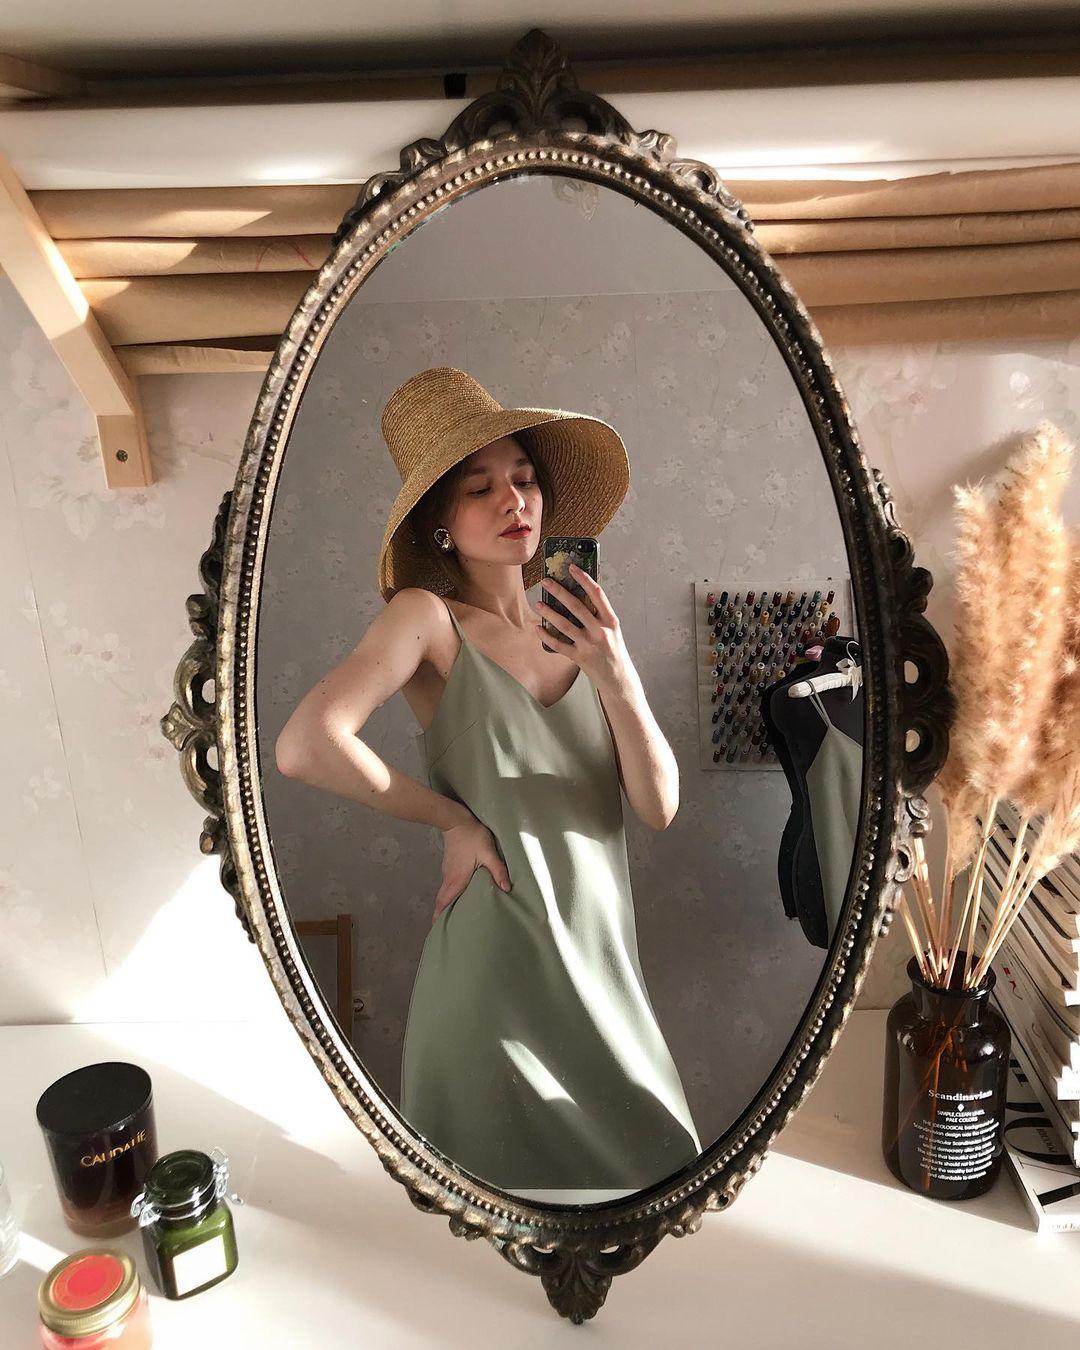 4 tips mặc đẹp tôn dáng từ cô nàng người Nga cao 1m50: Chỉ cần vài món chủ chốt là đủ cân hết các style - Ảnh 15